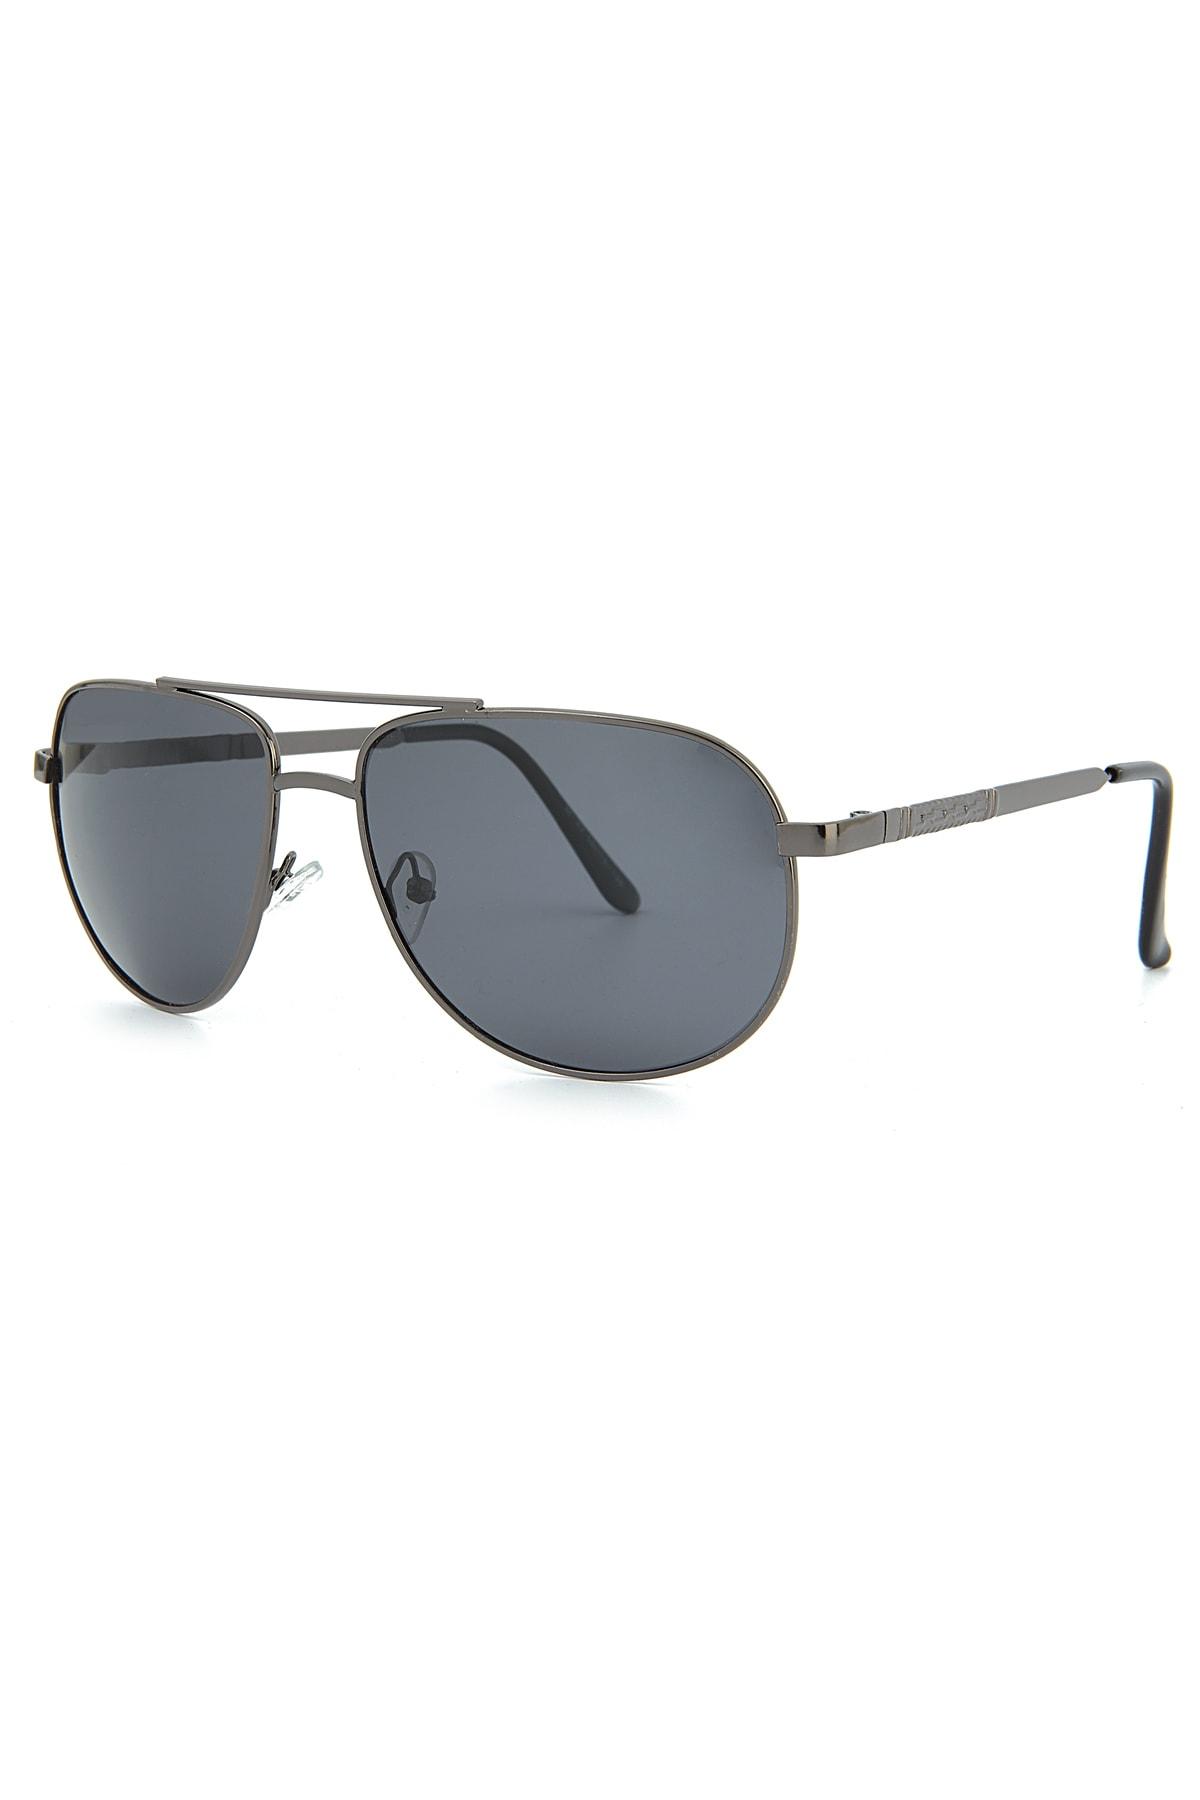 خرید عینک آفتابی  برند Aqua Di Polo 1987 رنگ نقره ای کد ty100428174